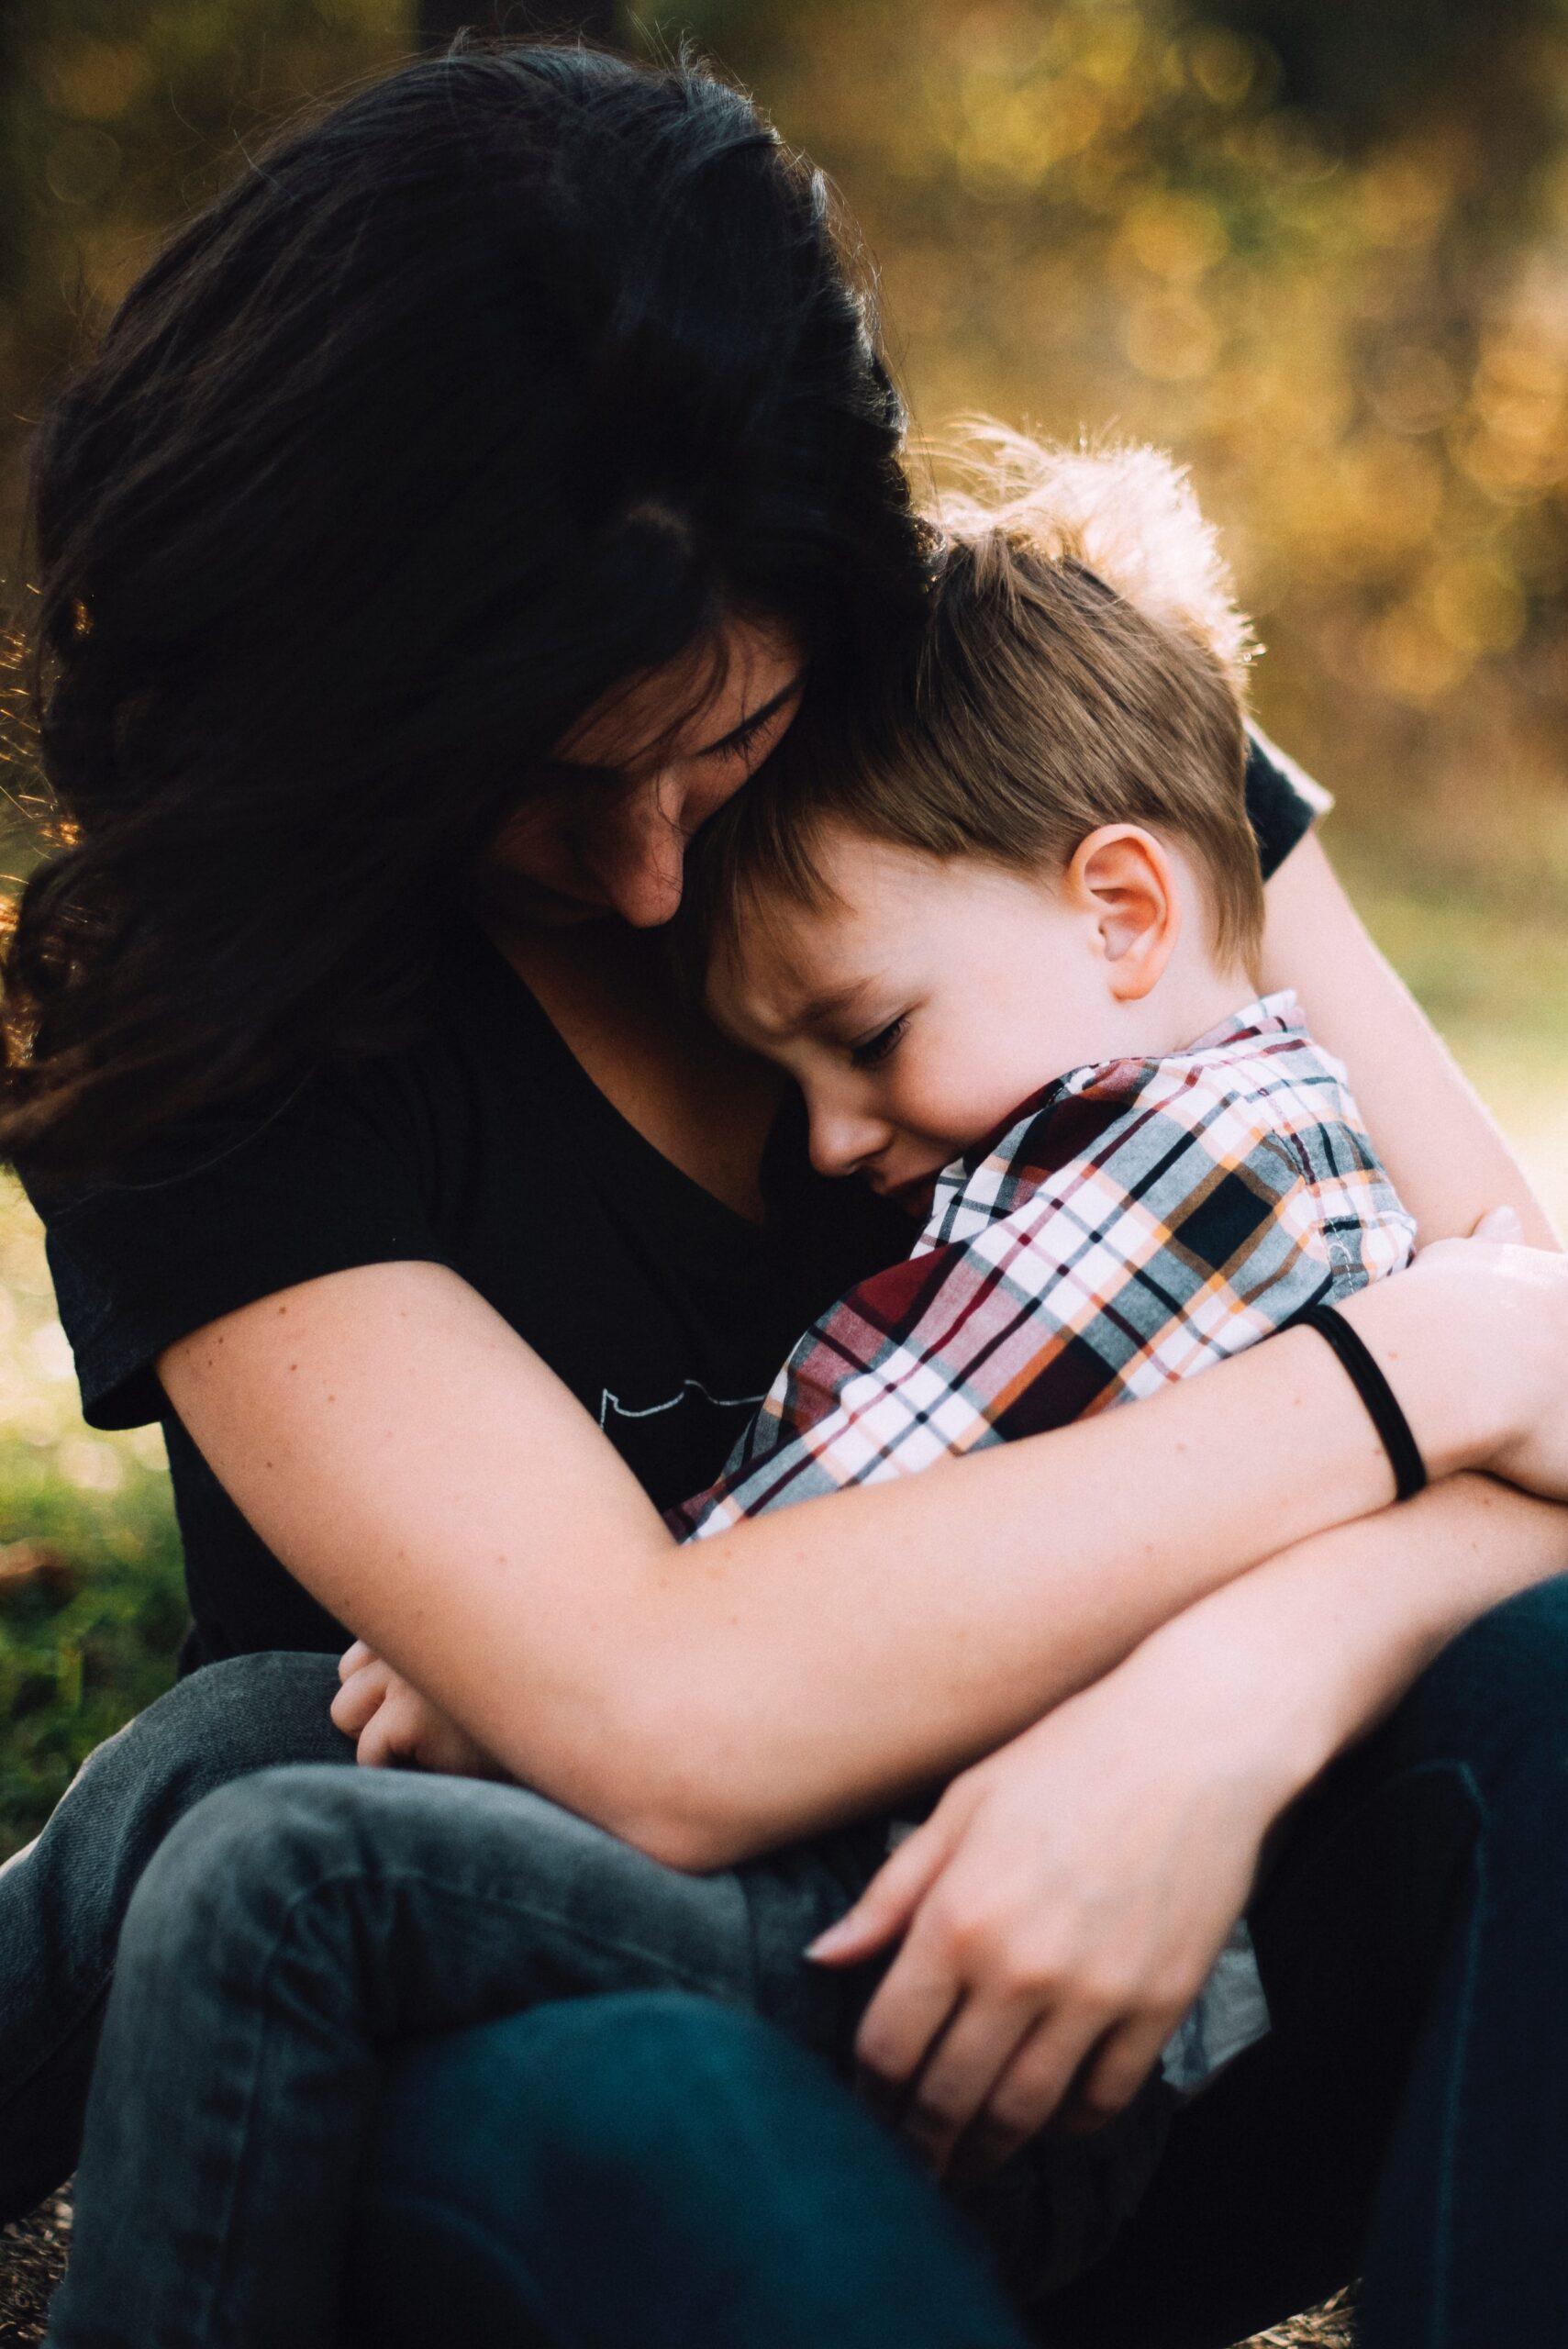 Я и мои эмоции. Как помочь себе и своему ребенку в трудной ситуации?